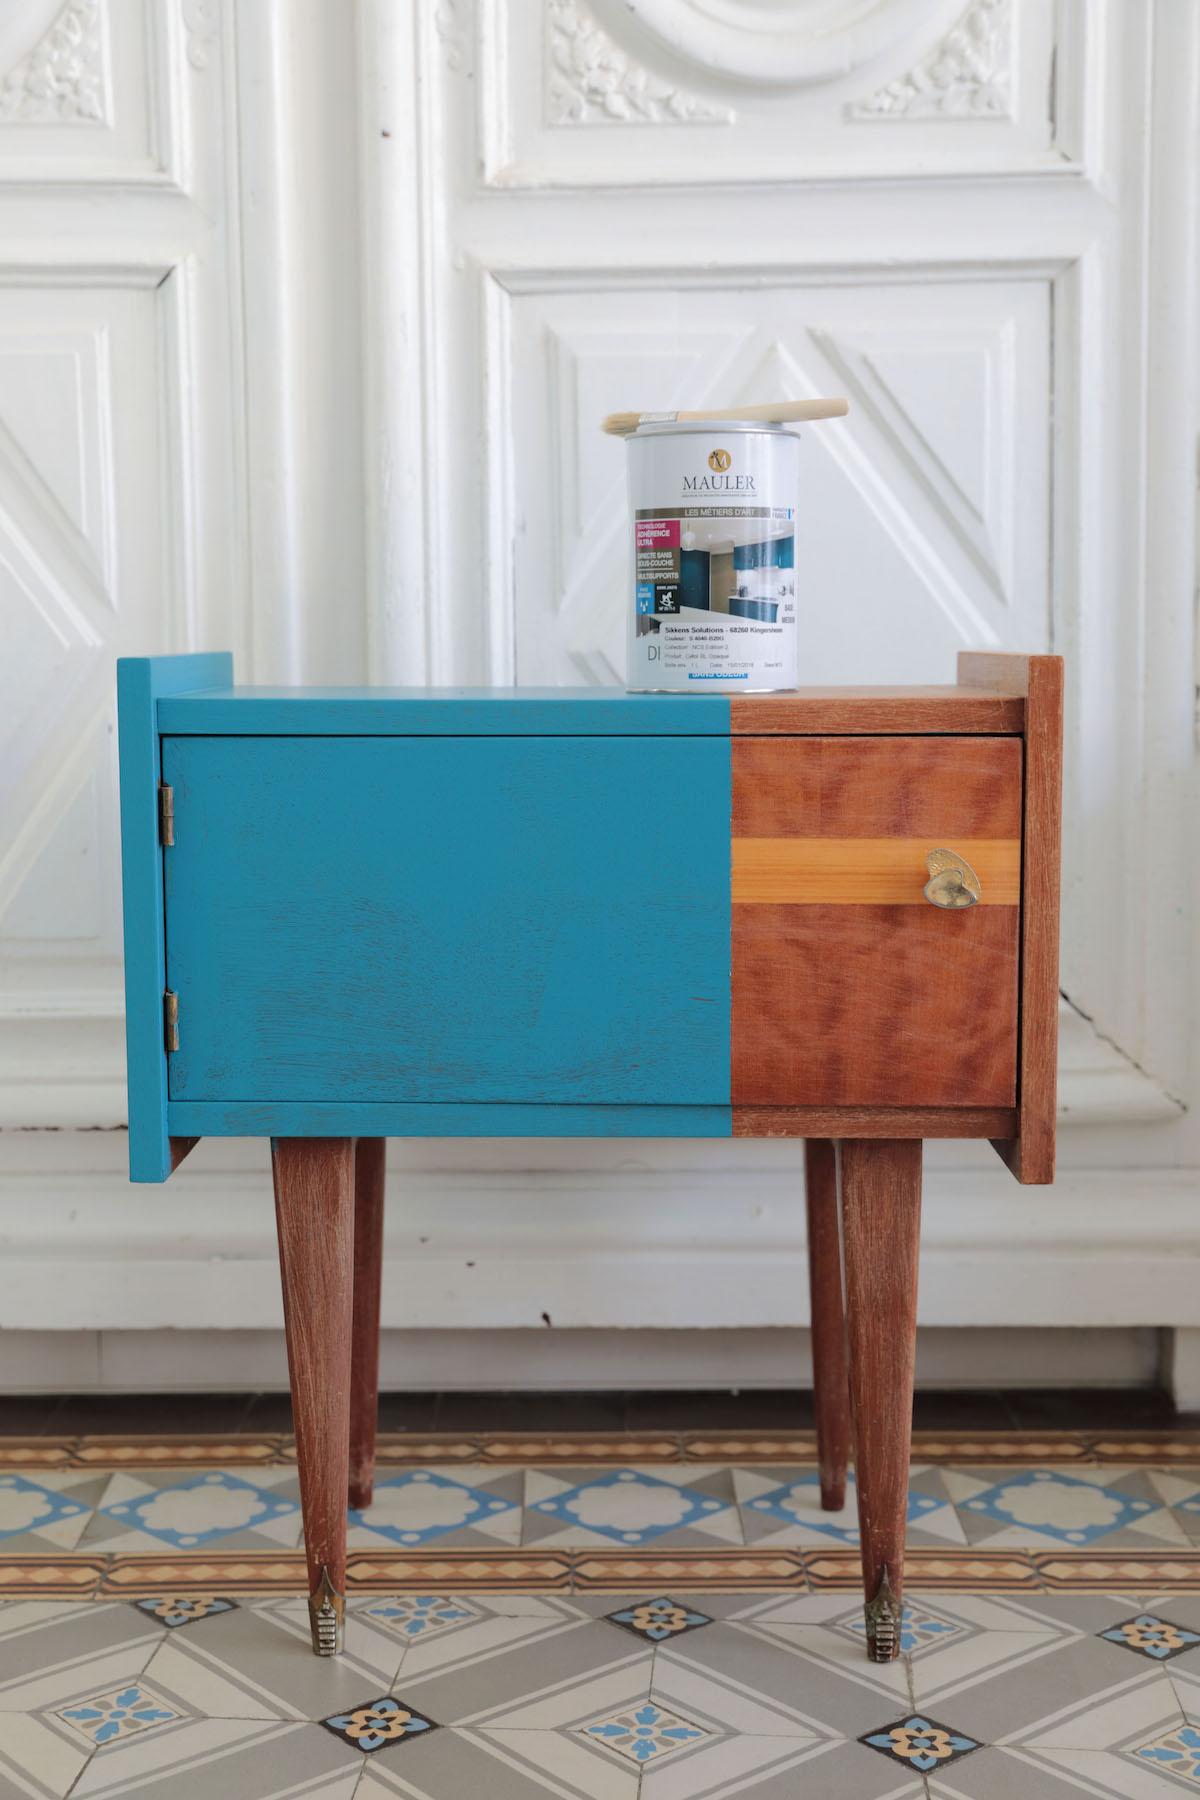 Comment Repeindre Un Meuble repeindre un meuble vintage sans le décaper et sans sous-couche